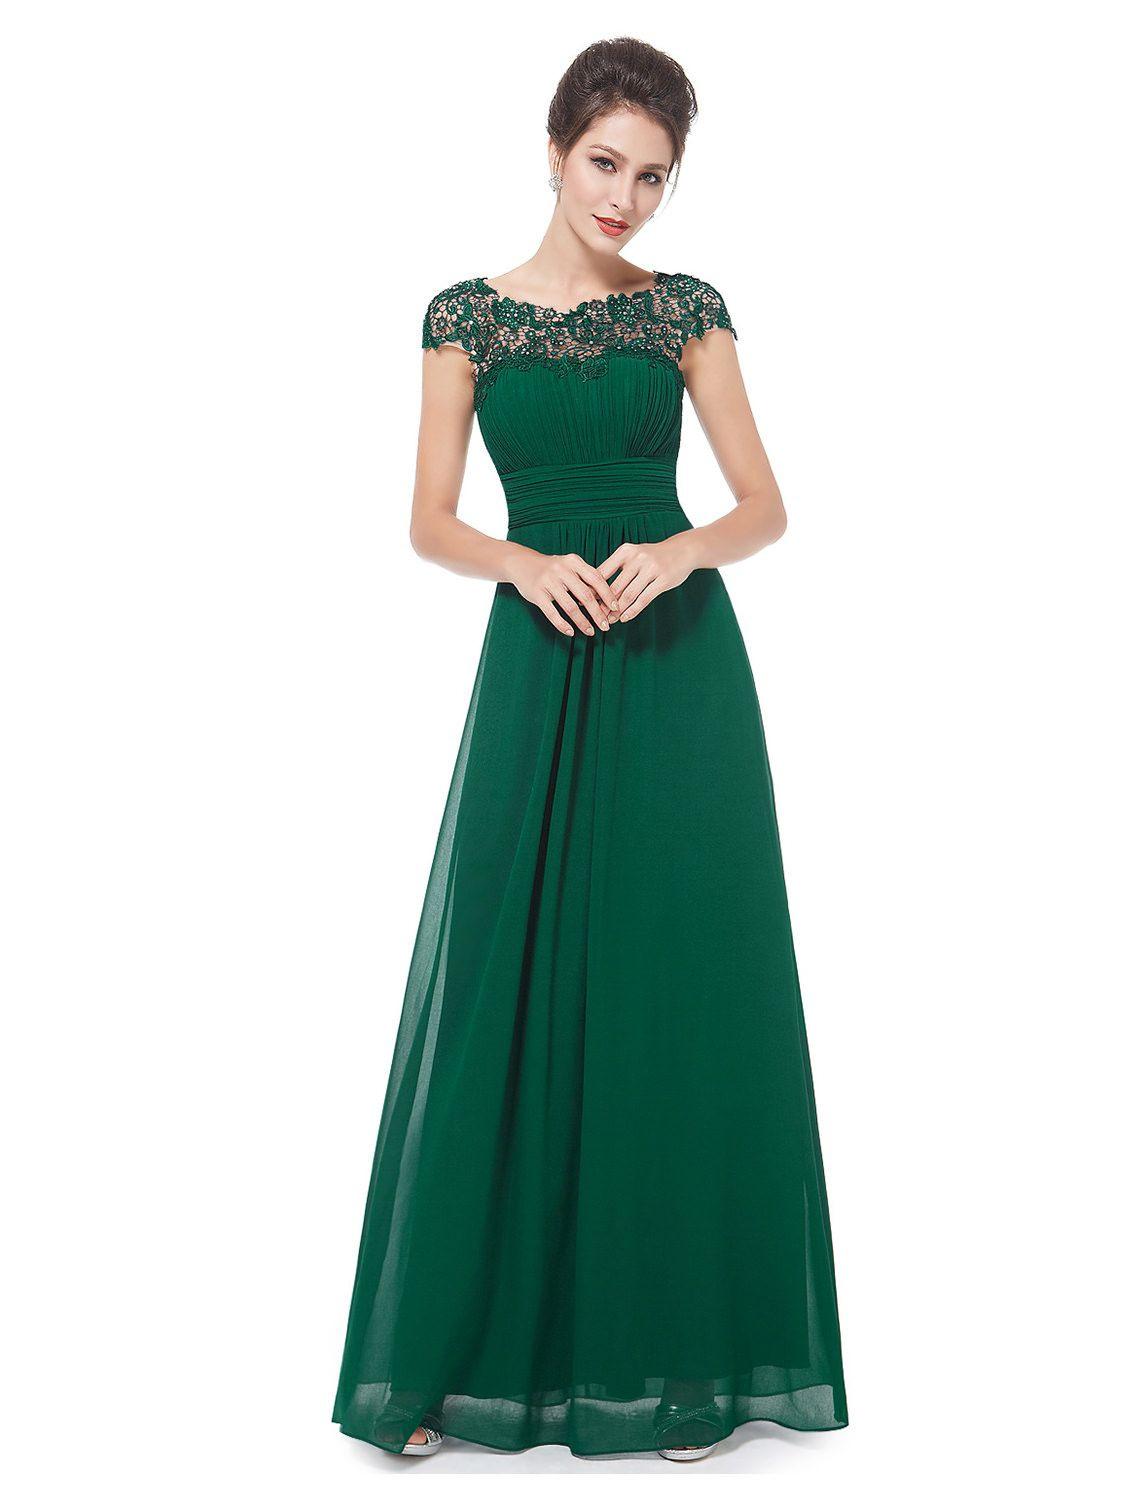 Grüne Abendkleider Hochzeit - Abendkleid